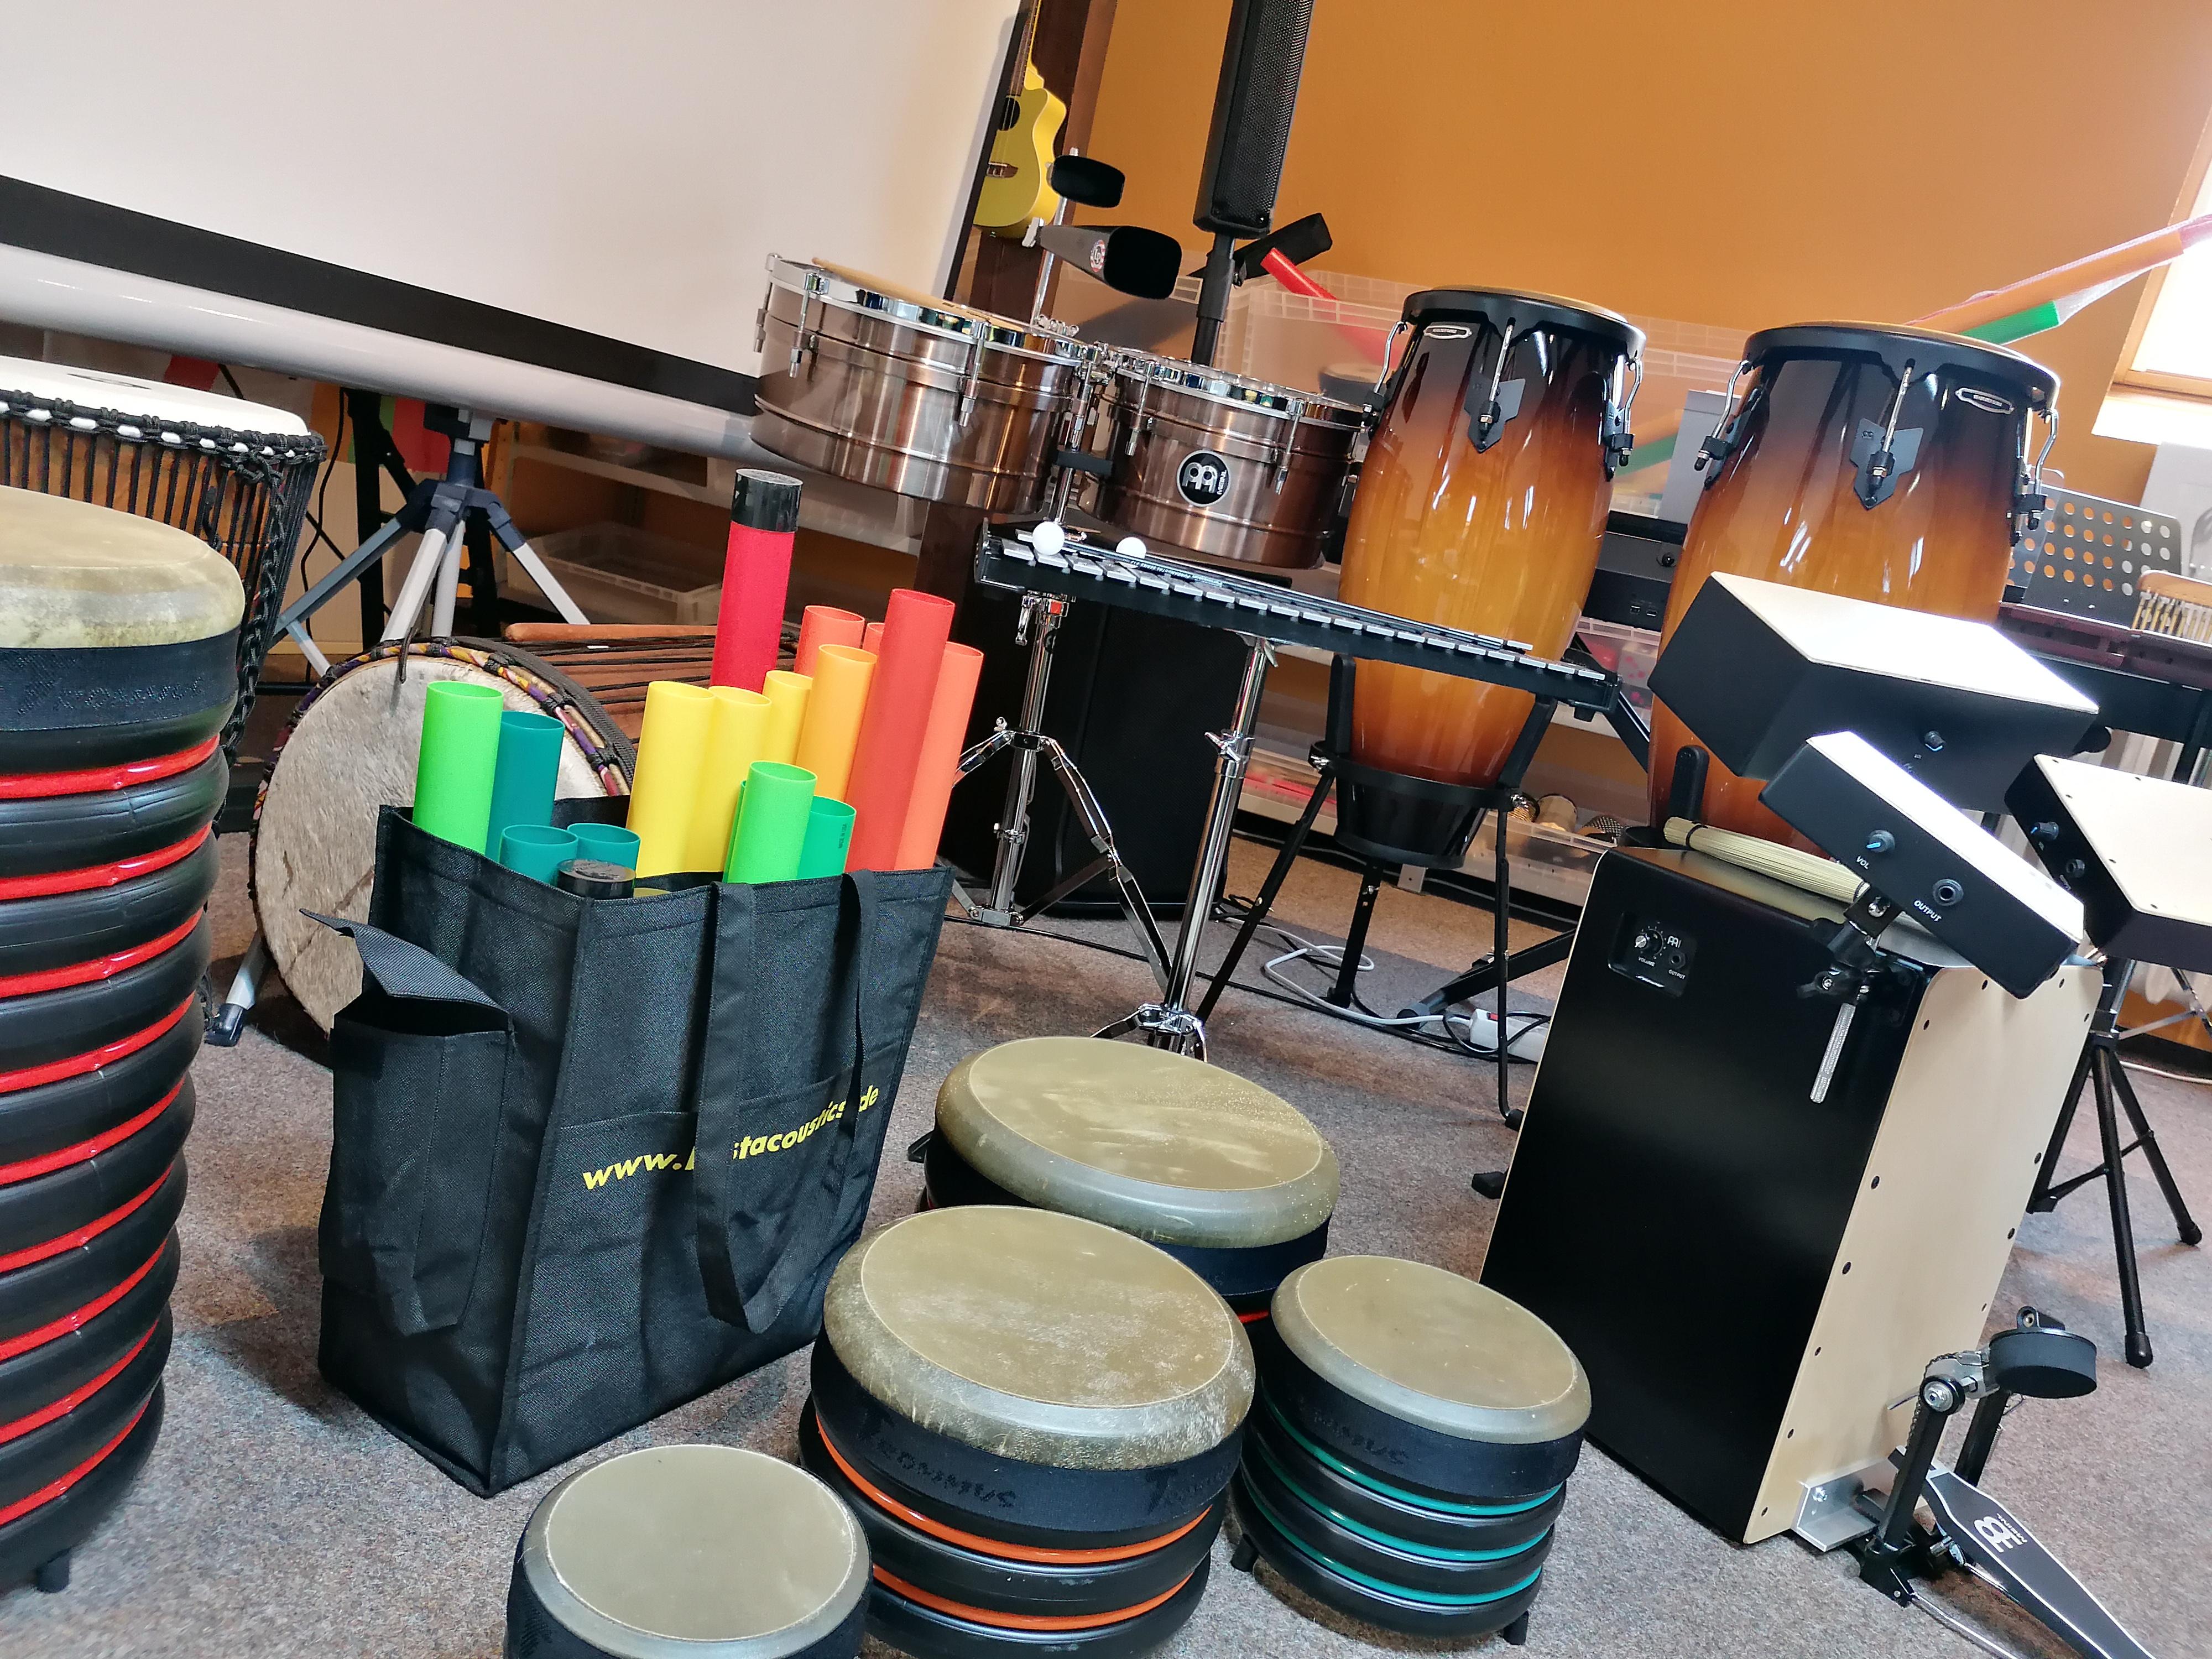 verschiedene Musikinstrumente, vor allem Rhythmusinstrumente, Trommeln etc